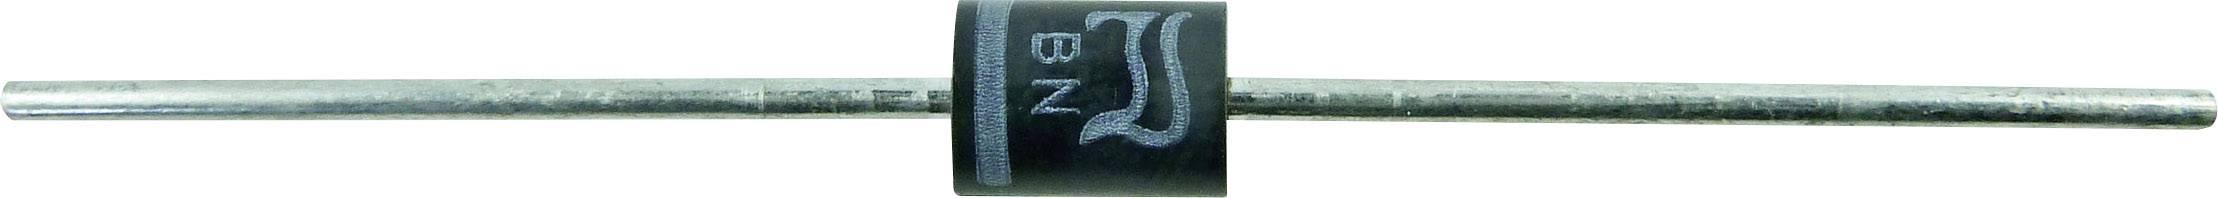 Kremíková usmerňovacia dióda TRU COMPONENTS TC-BY550-600 1581823 5 A, 600 V